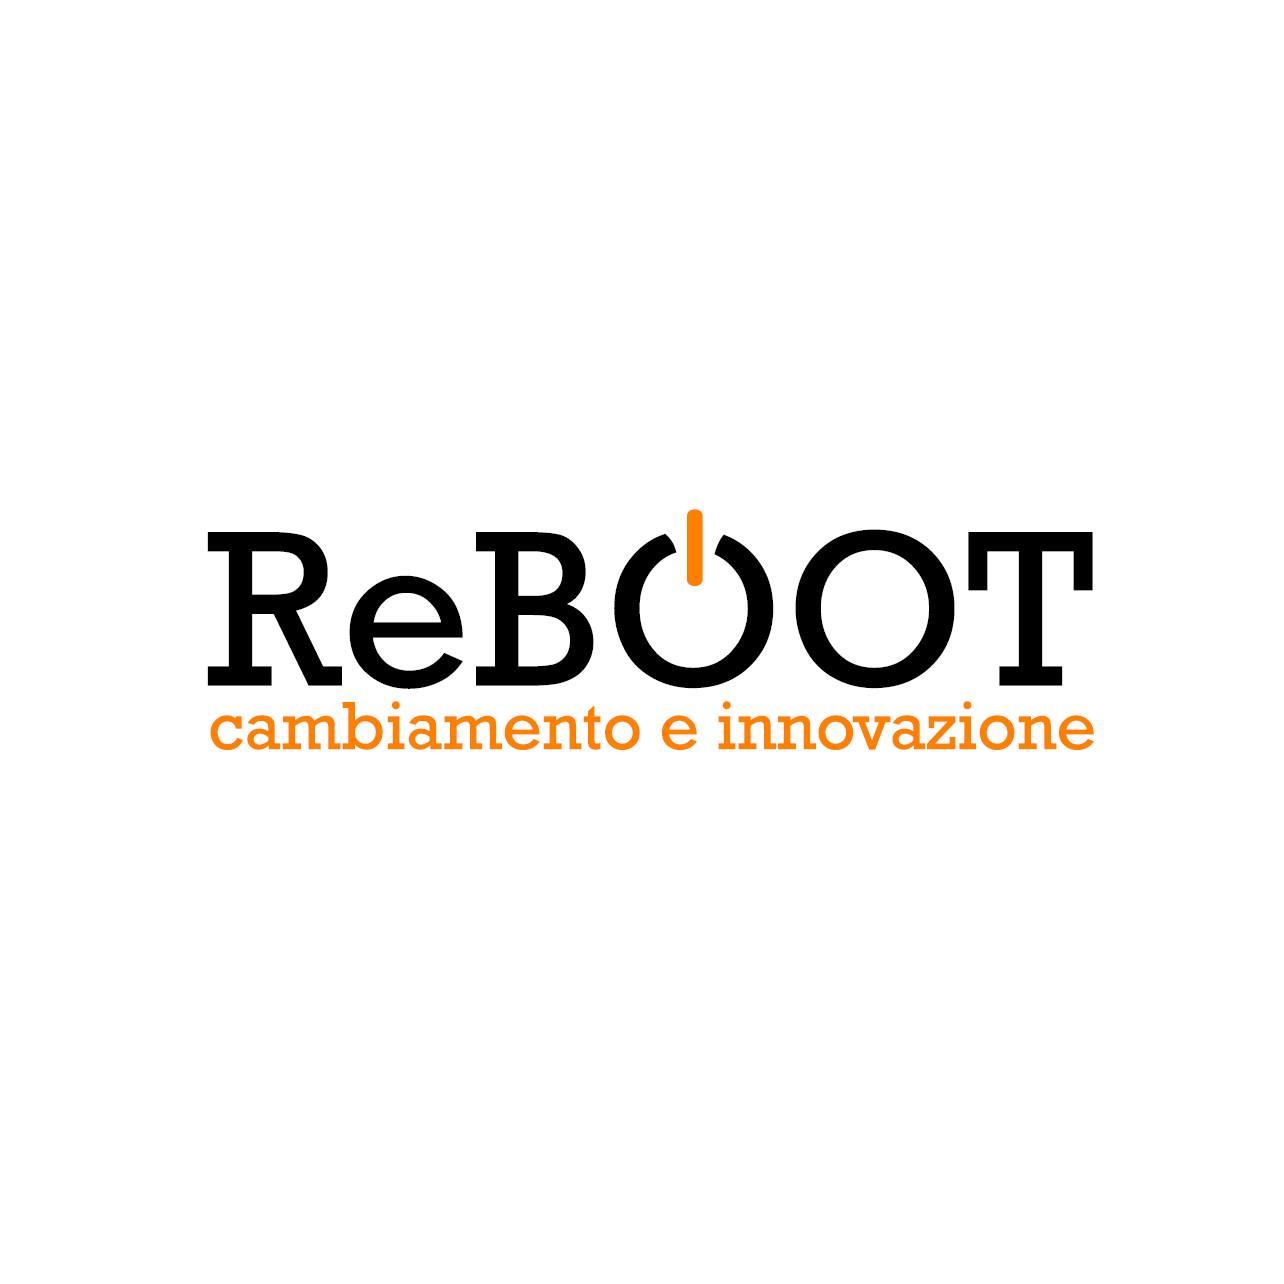 Associazione Reboot